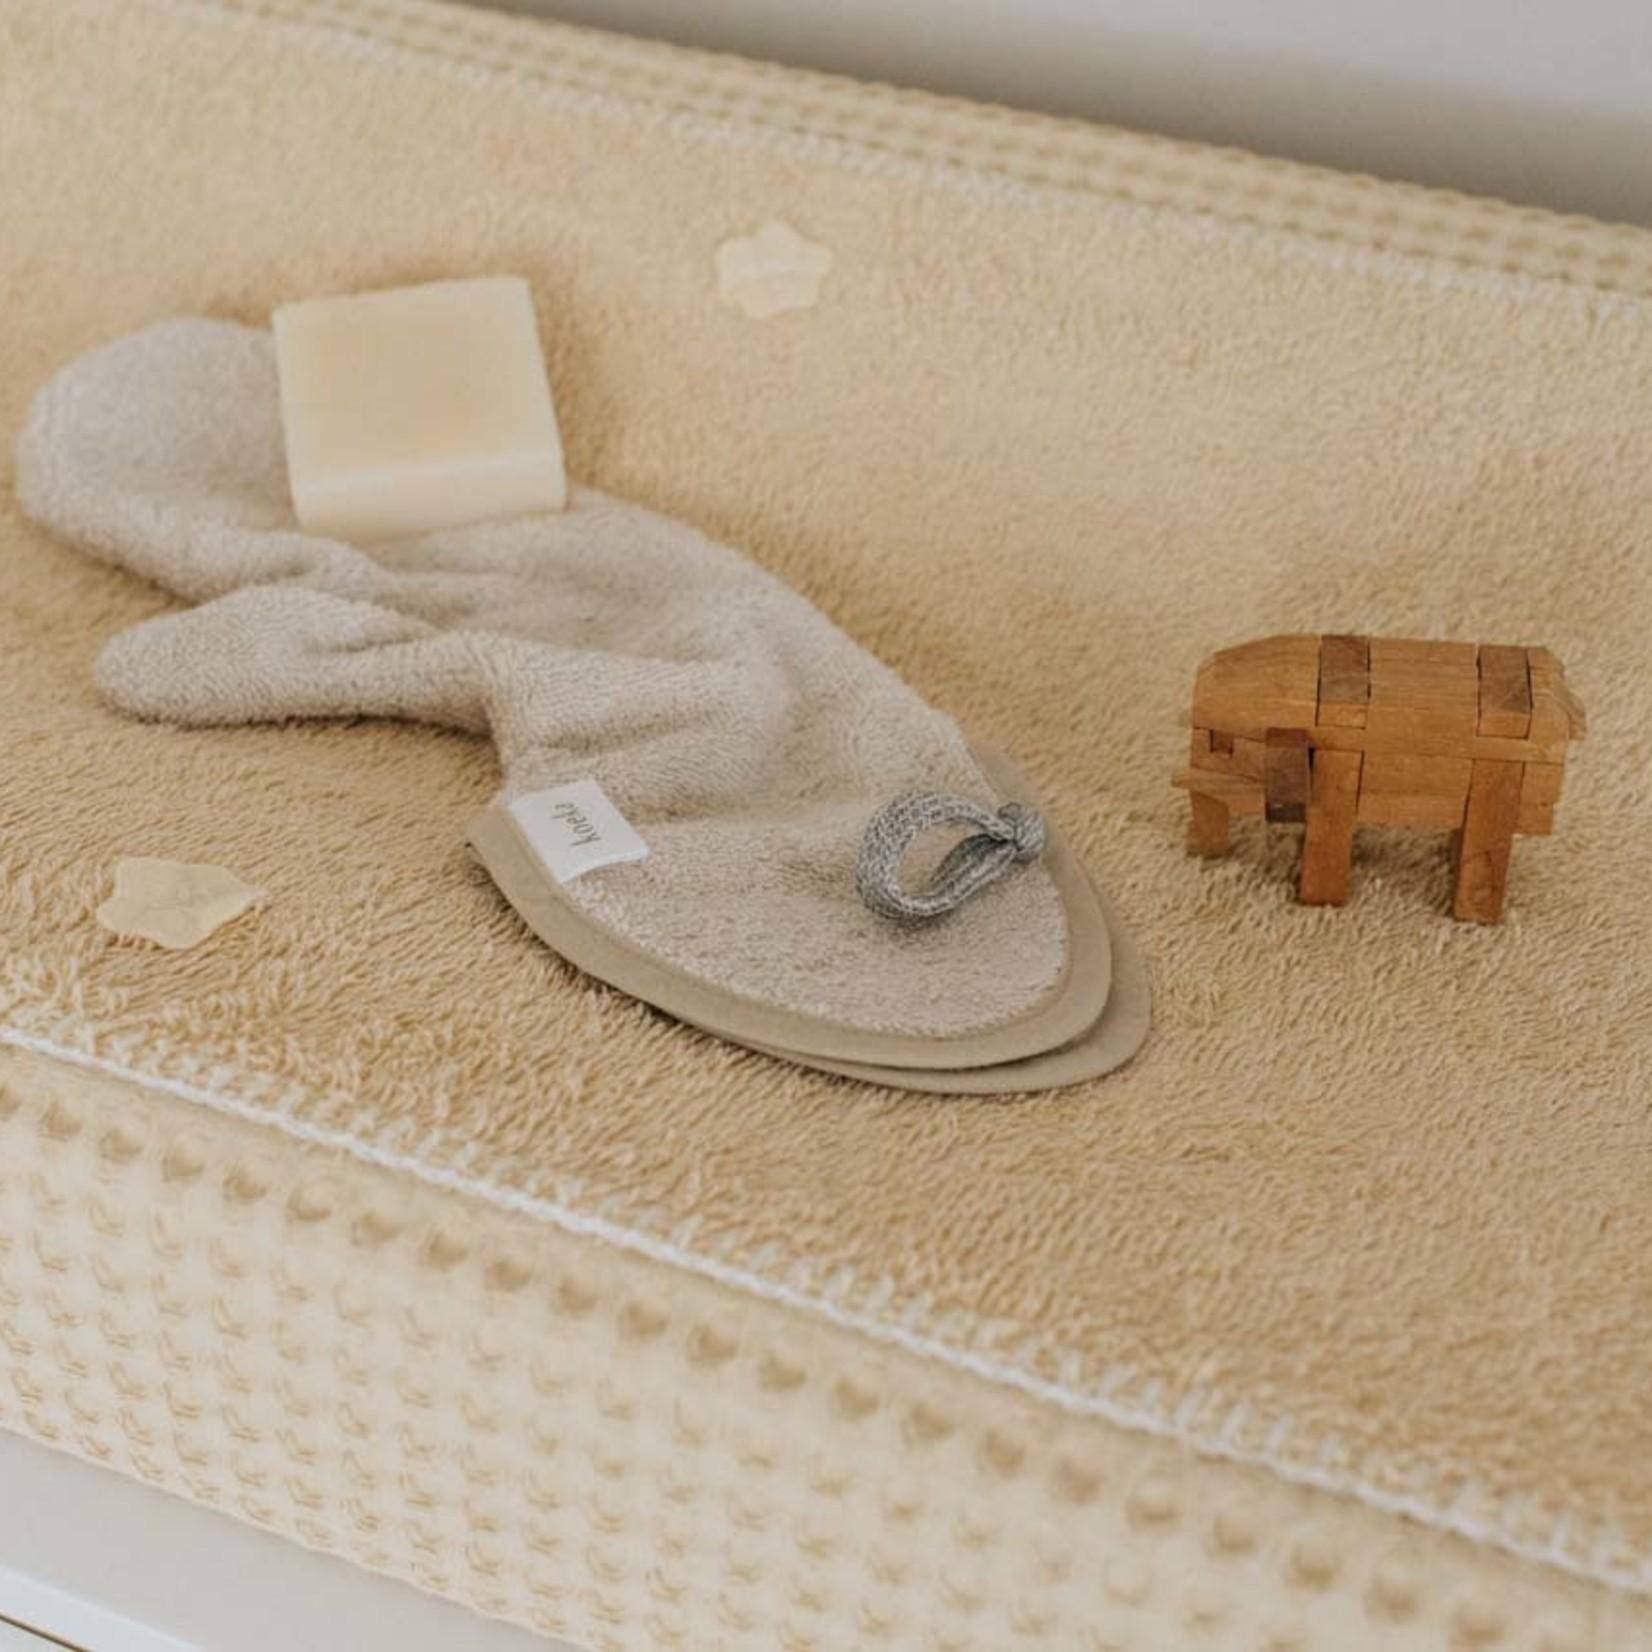 KOEKA Douche washand Dijon organic   Sand